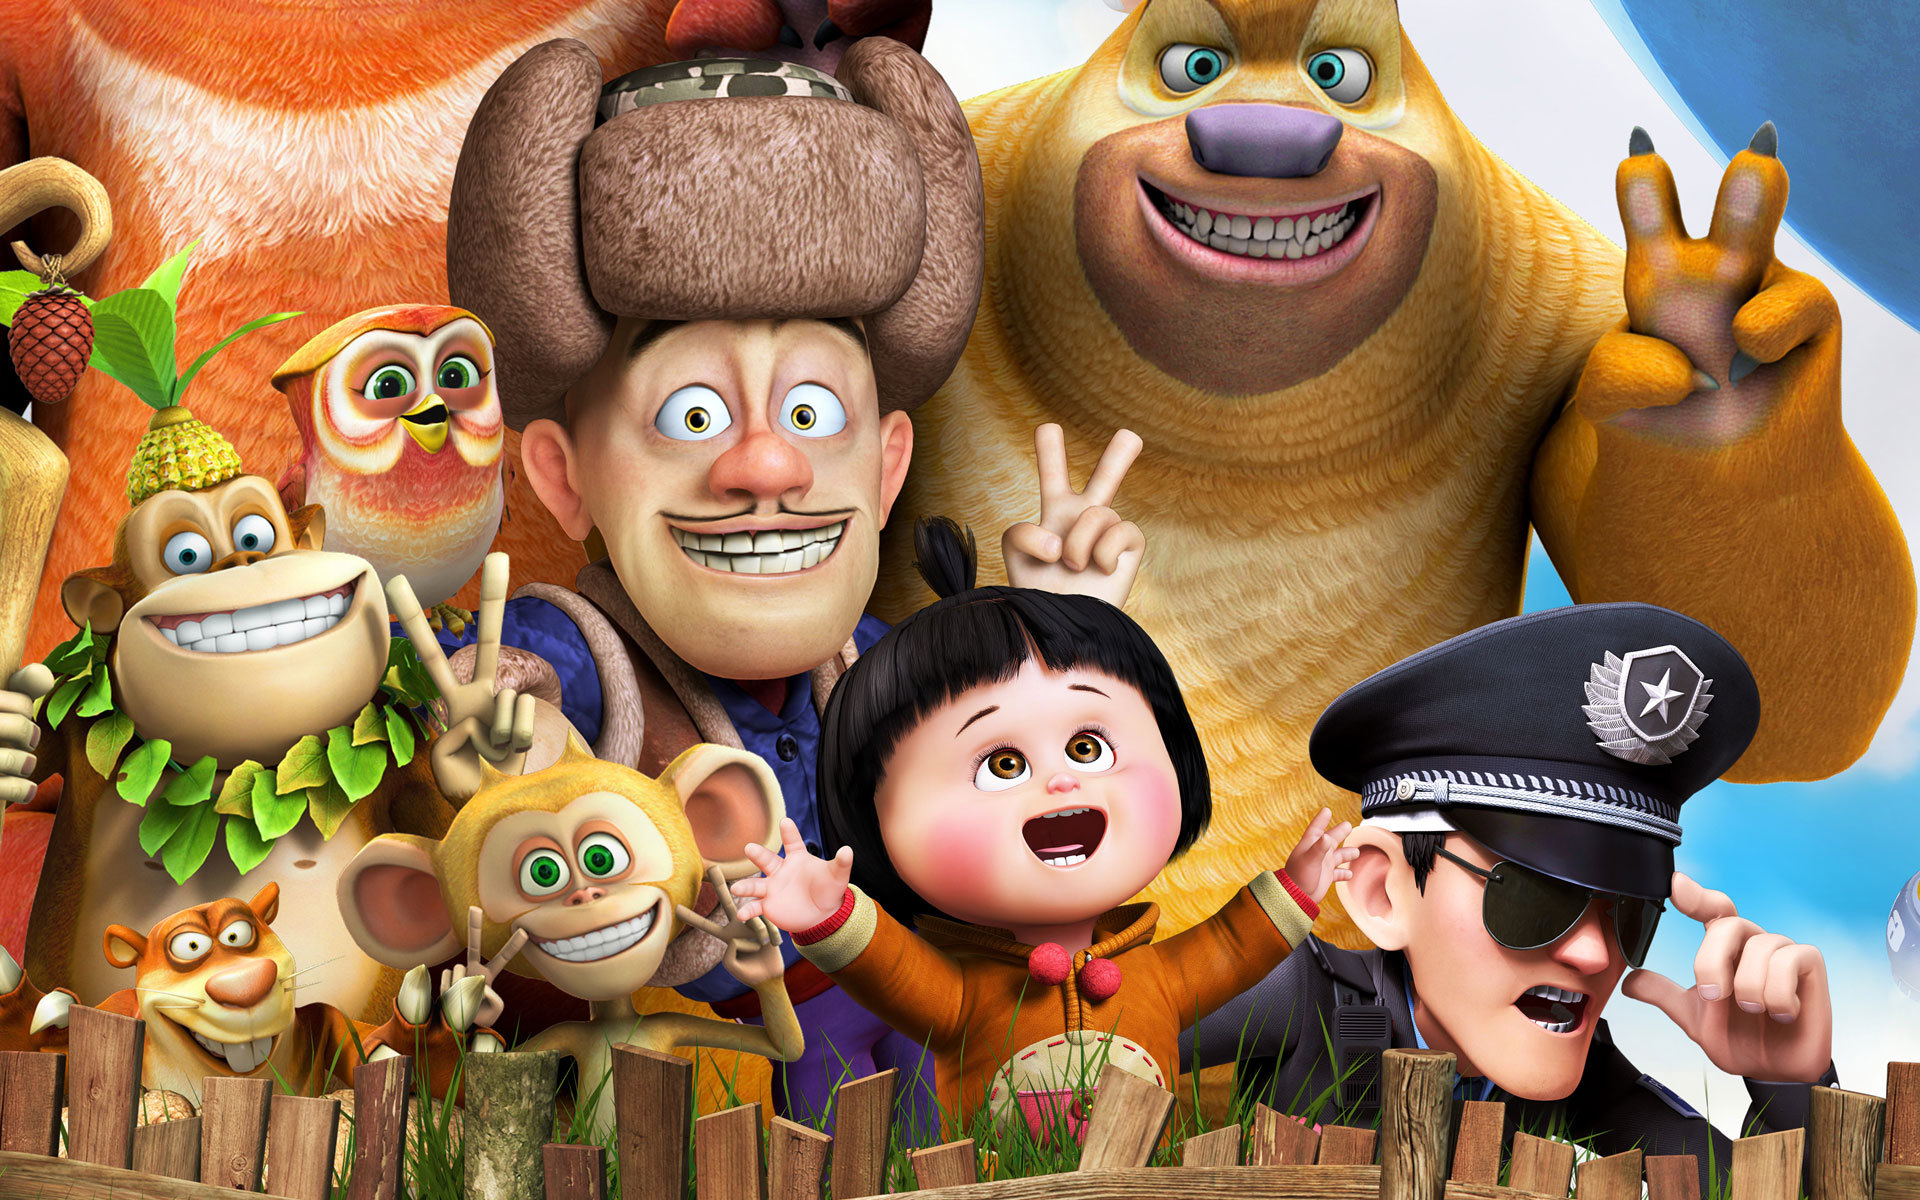 1基础品牌《熊出没》电视系列动画片自2012年初首次亮相央视,迅速吸引国内儿童家庭的青睐追捧,一度创造出3.85的超高收视率。其动画衍生品销售节节攀升。 2《熊出没之夺宝熊兵》是熊出没推出第二部贺岁电影,是国内首部真3D动画大电影。 3原电视版本中光头强手中的猎枪变成了色彩艳丽的水枪,台词中的臭狗熊该死的等词语也调整成为小熊熊讨厌的。 4全片采用Maya技术制作完成,应用先进的建模、渲染、逻辑等技术,并在核心3D技术方面投入巨资,这是欧美主流卡通制作技术首次被应用在国产卡通作品上。 5片方开